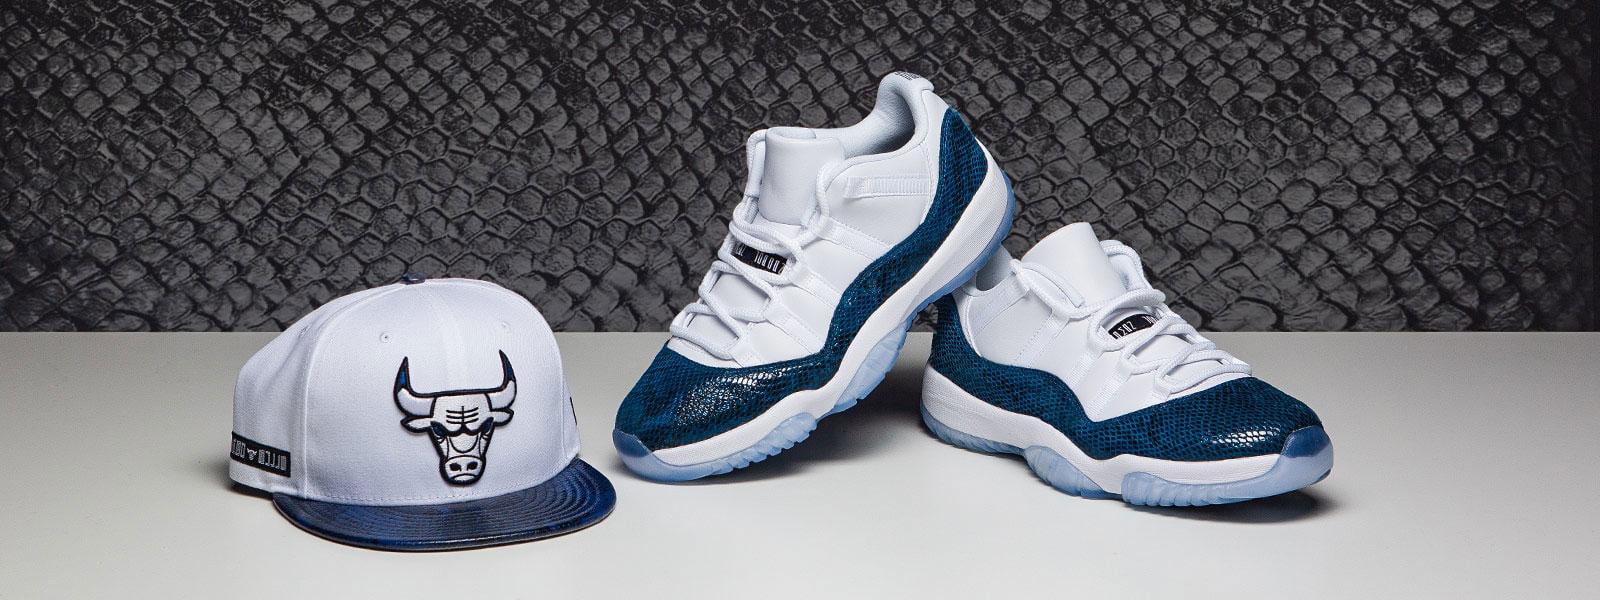 air-jordan-11-low-snakeskin-navy-blue-hat